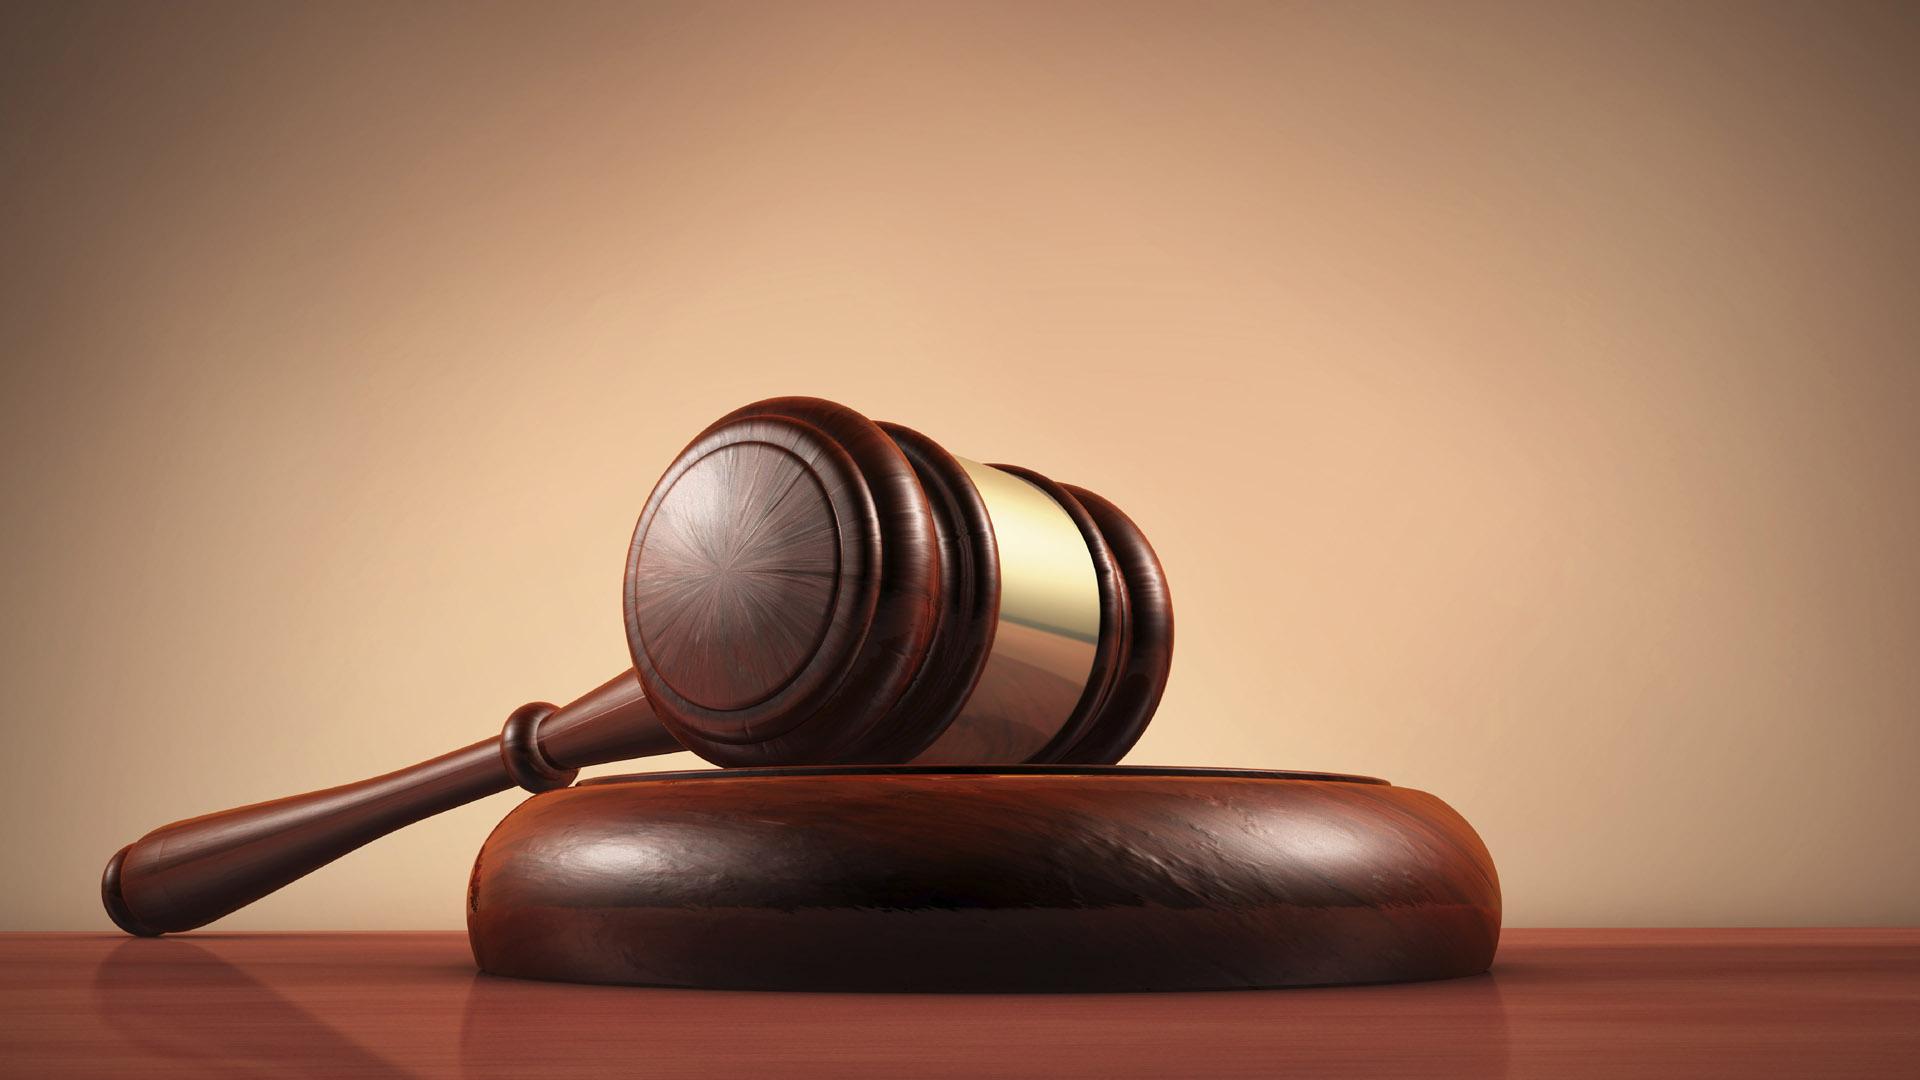 El reglamento, en el municipio Atures, fue oficializado en Gaceta Oficial el pasado 23 de octubre